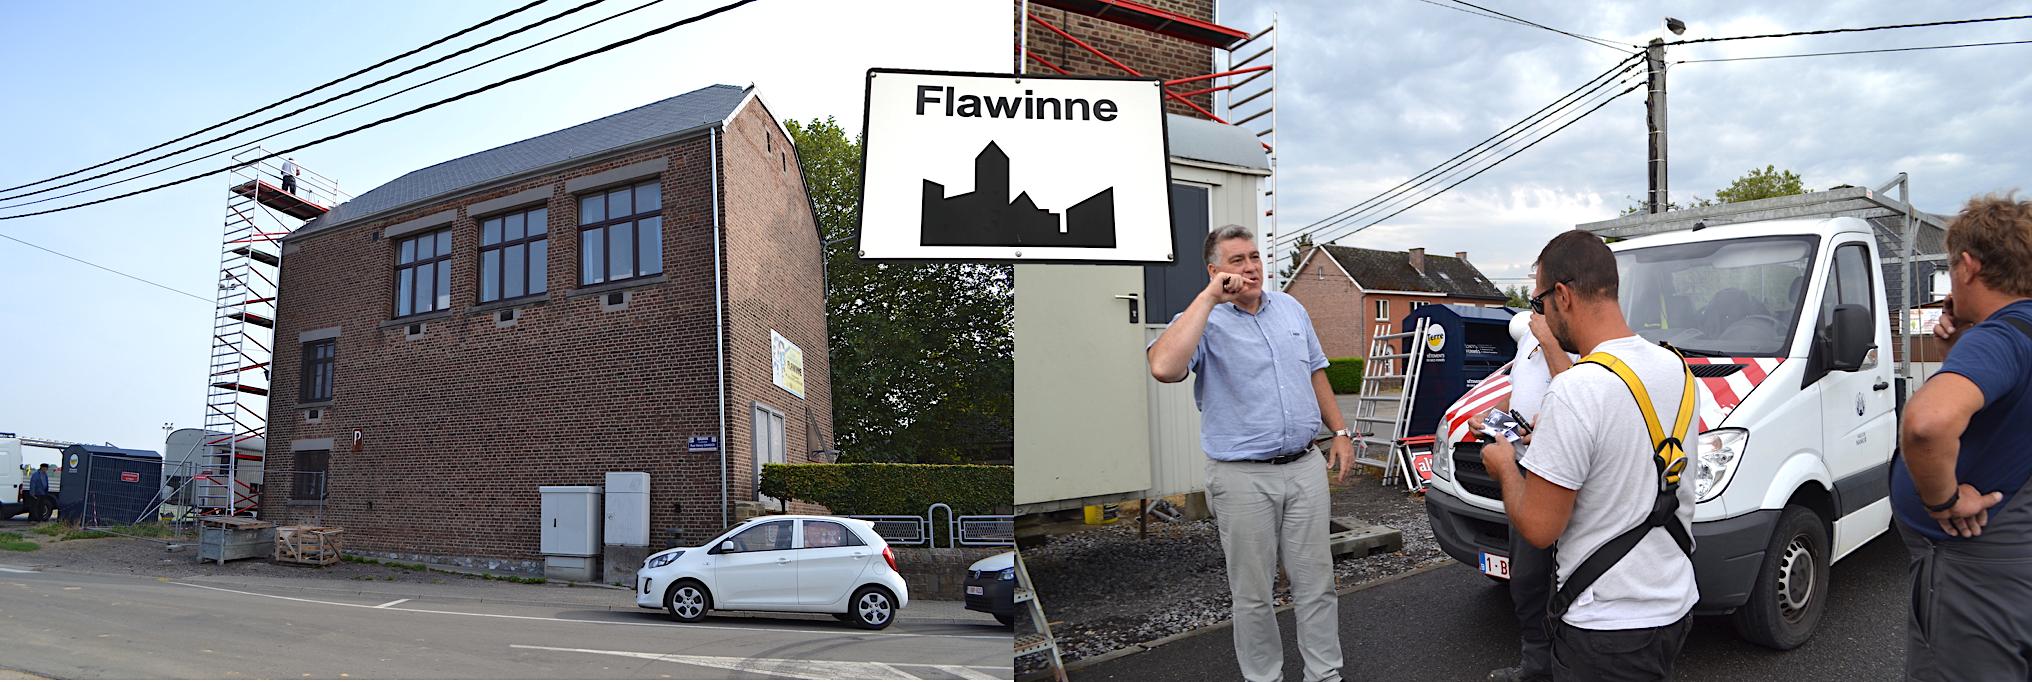 Flawinne : l'école communale